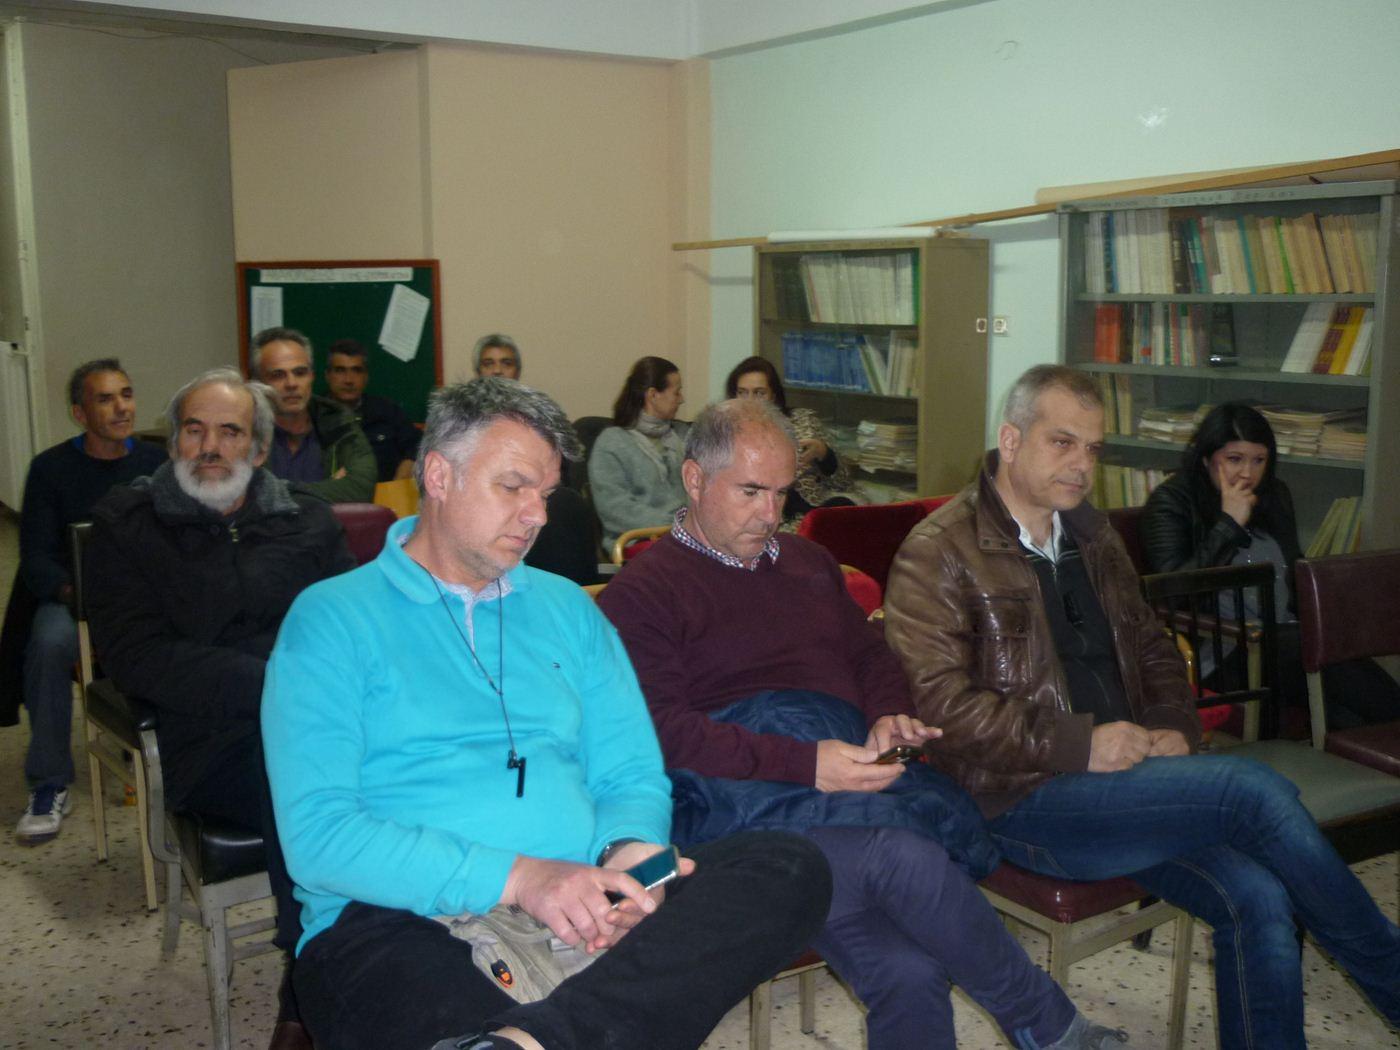 Σύσκεψη για το νομοσχέδιο Γαβρόγλου πραγματοποίησε η Ένωση Γονέων και Κηδεμόνων Λάρισας (φωτο)